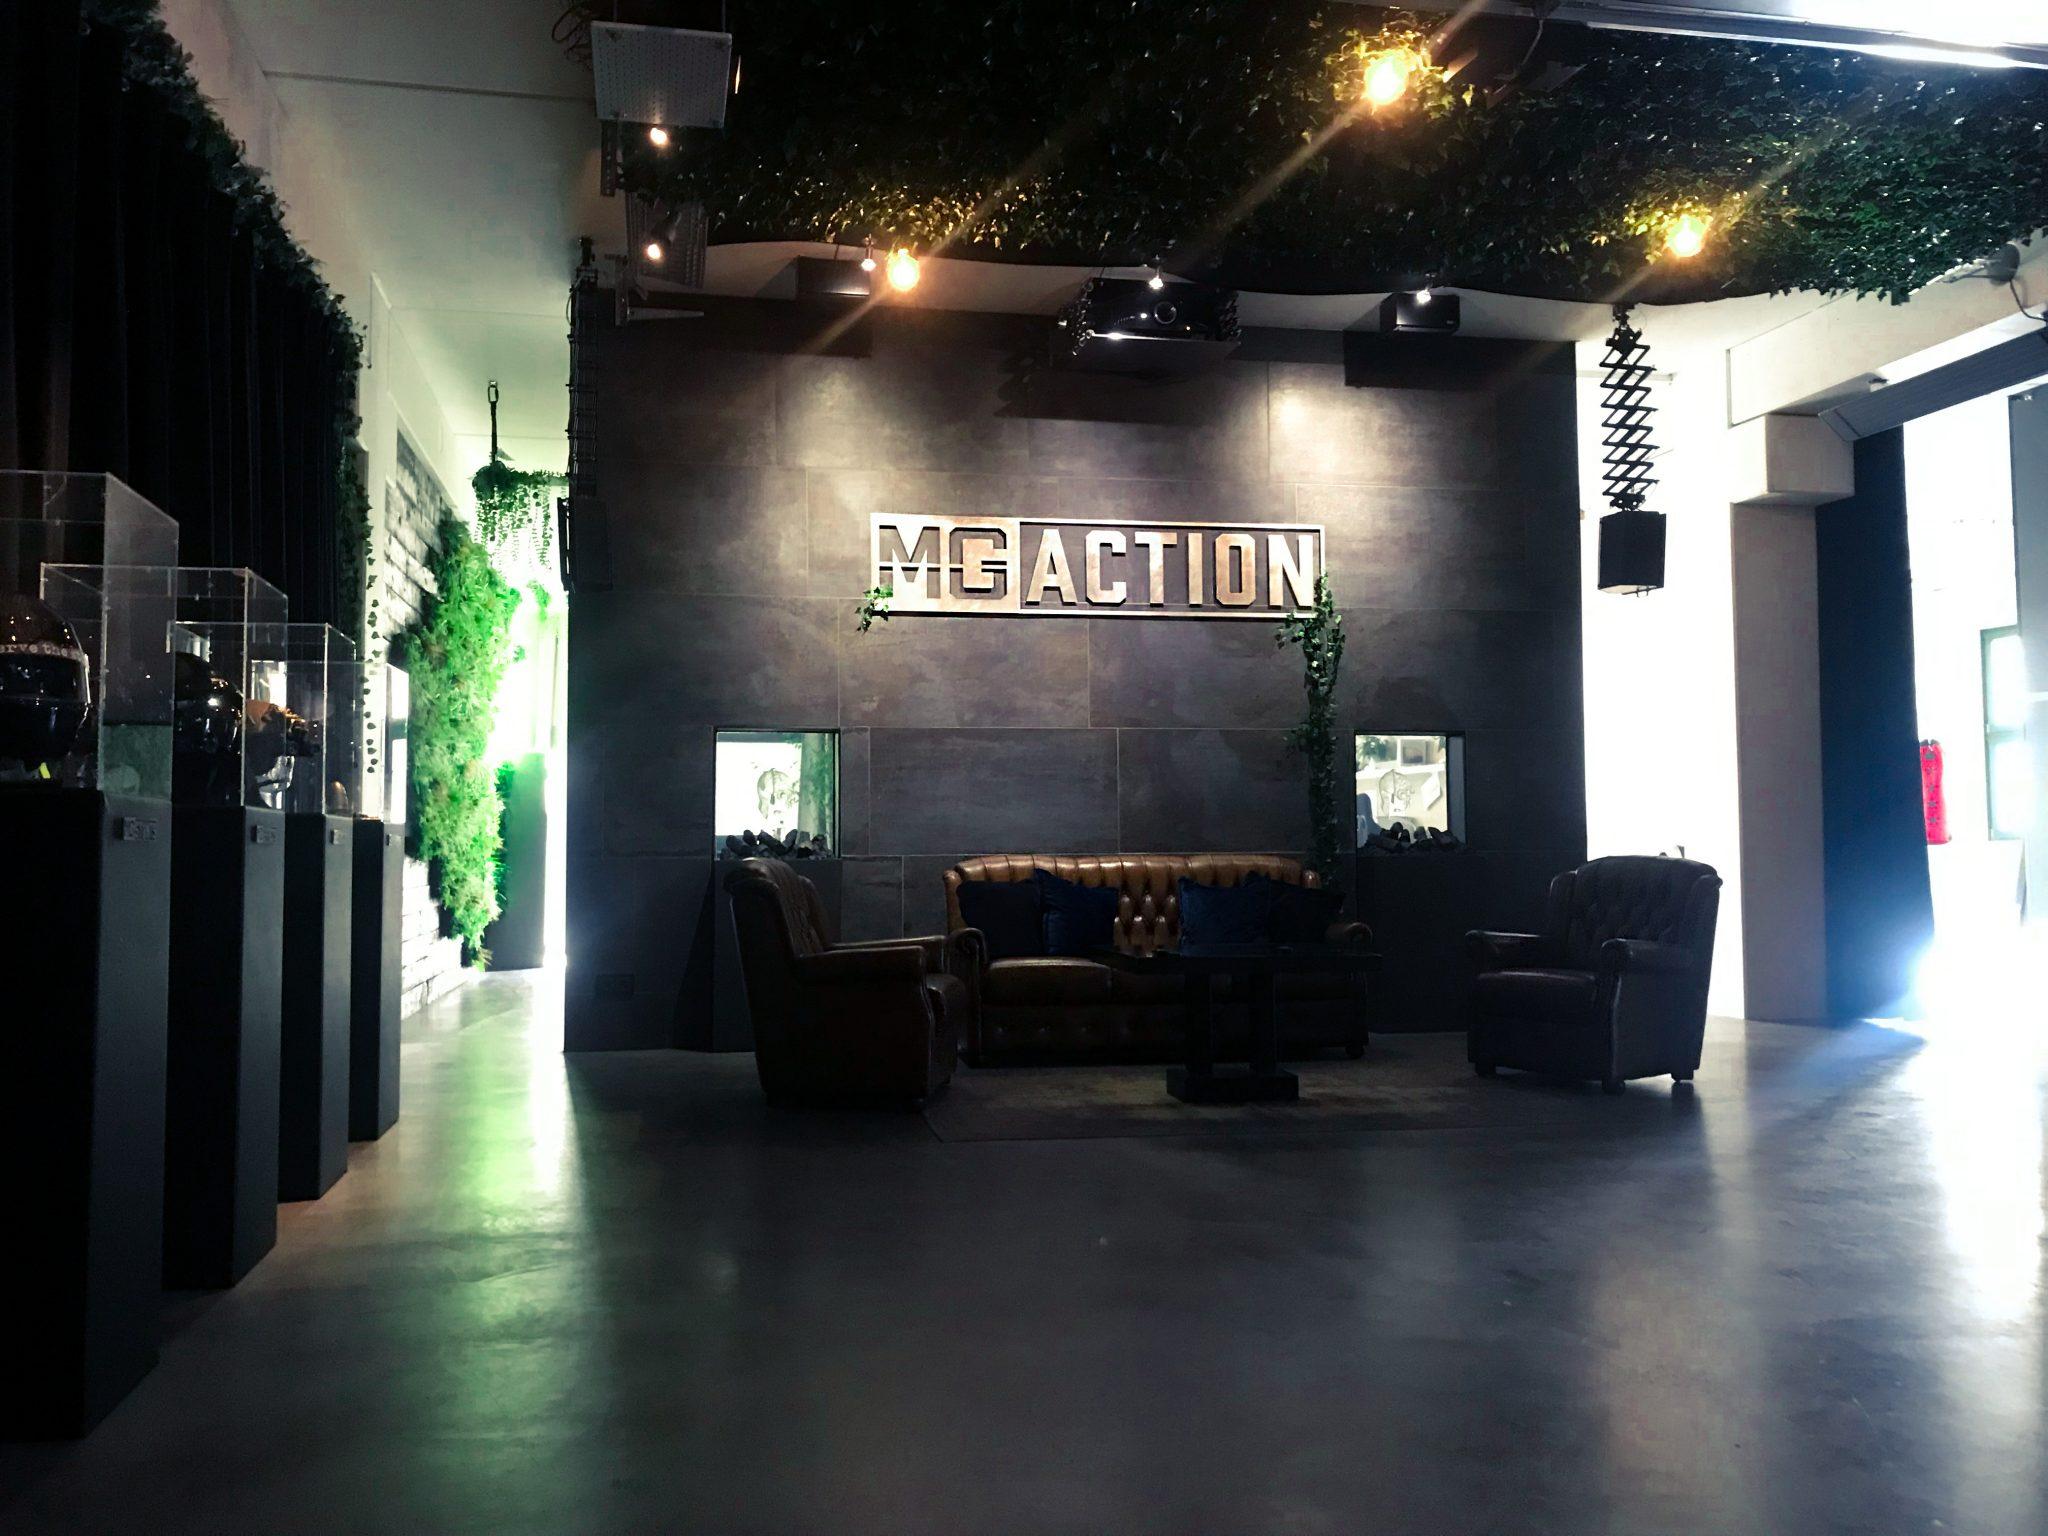 mg action, full action service, stunts und spezialeffekte deutschland Berlin, lounge